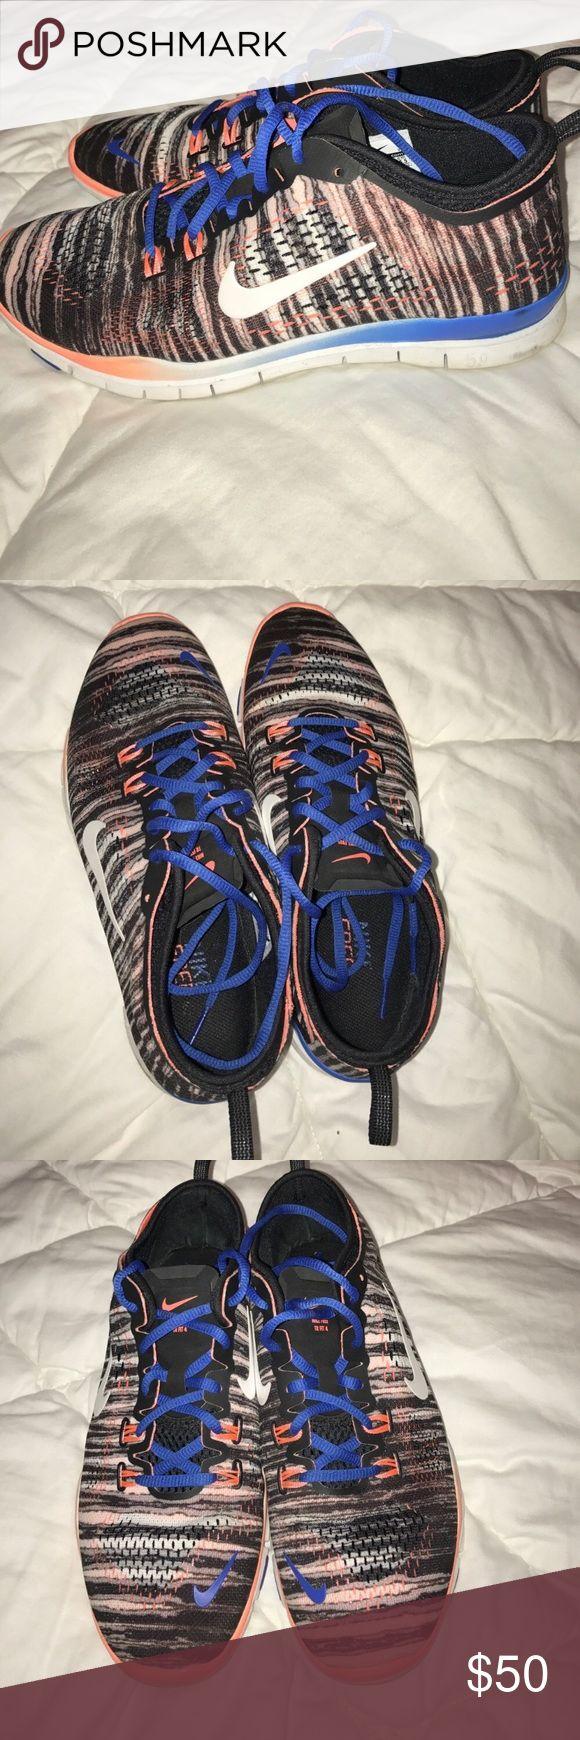 41ff86e3c4f Nike Free TR Fit 4